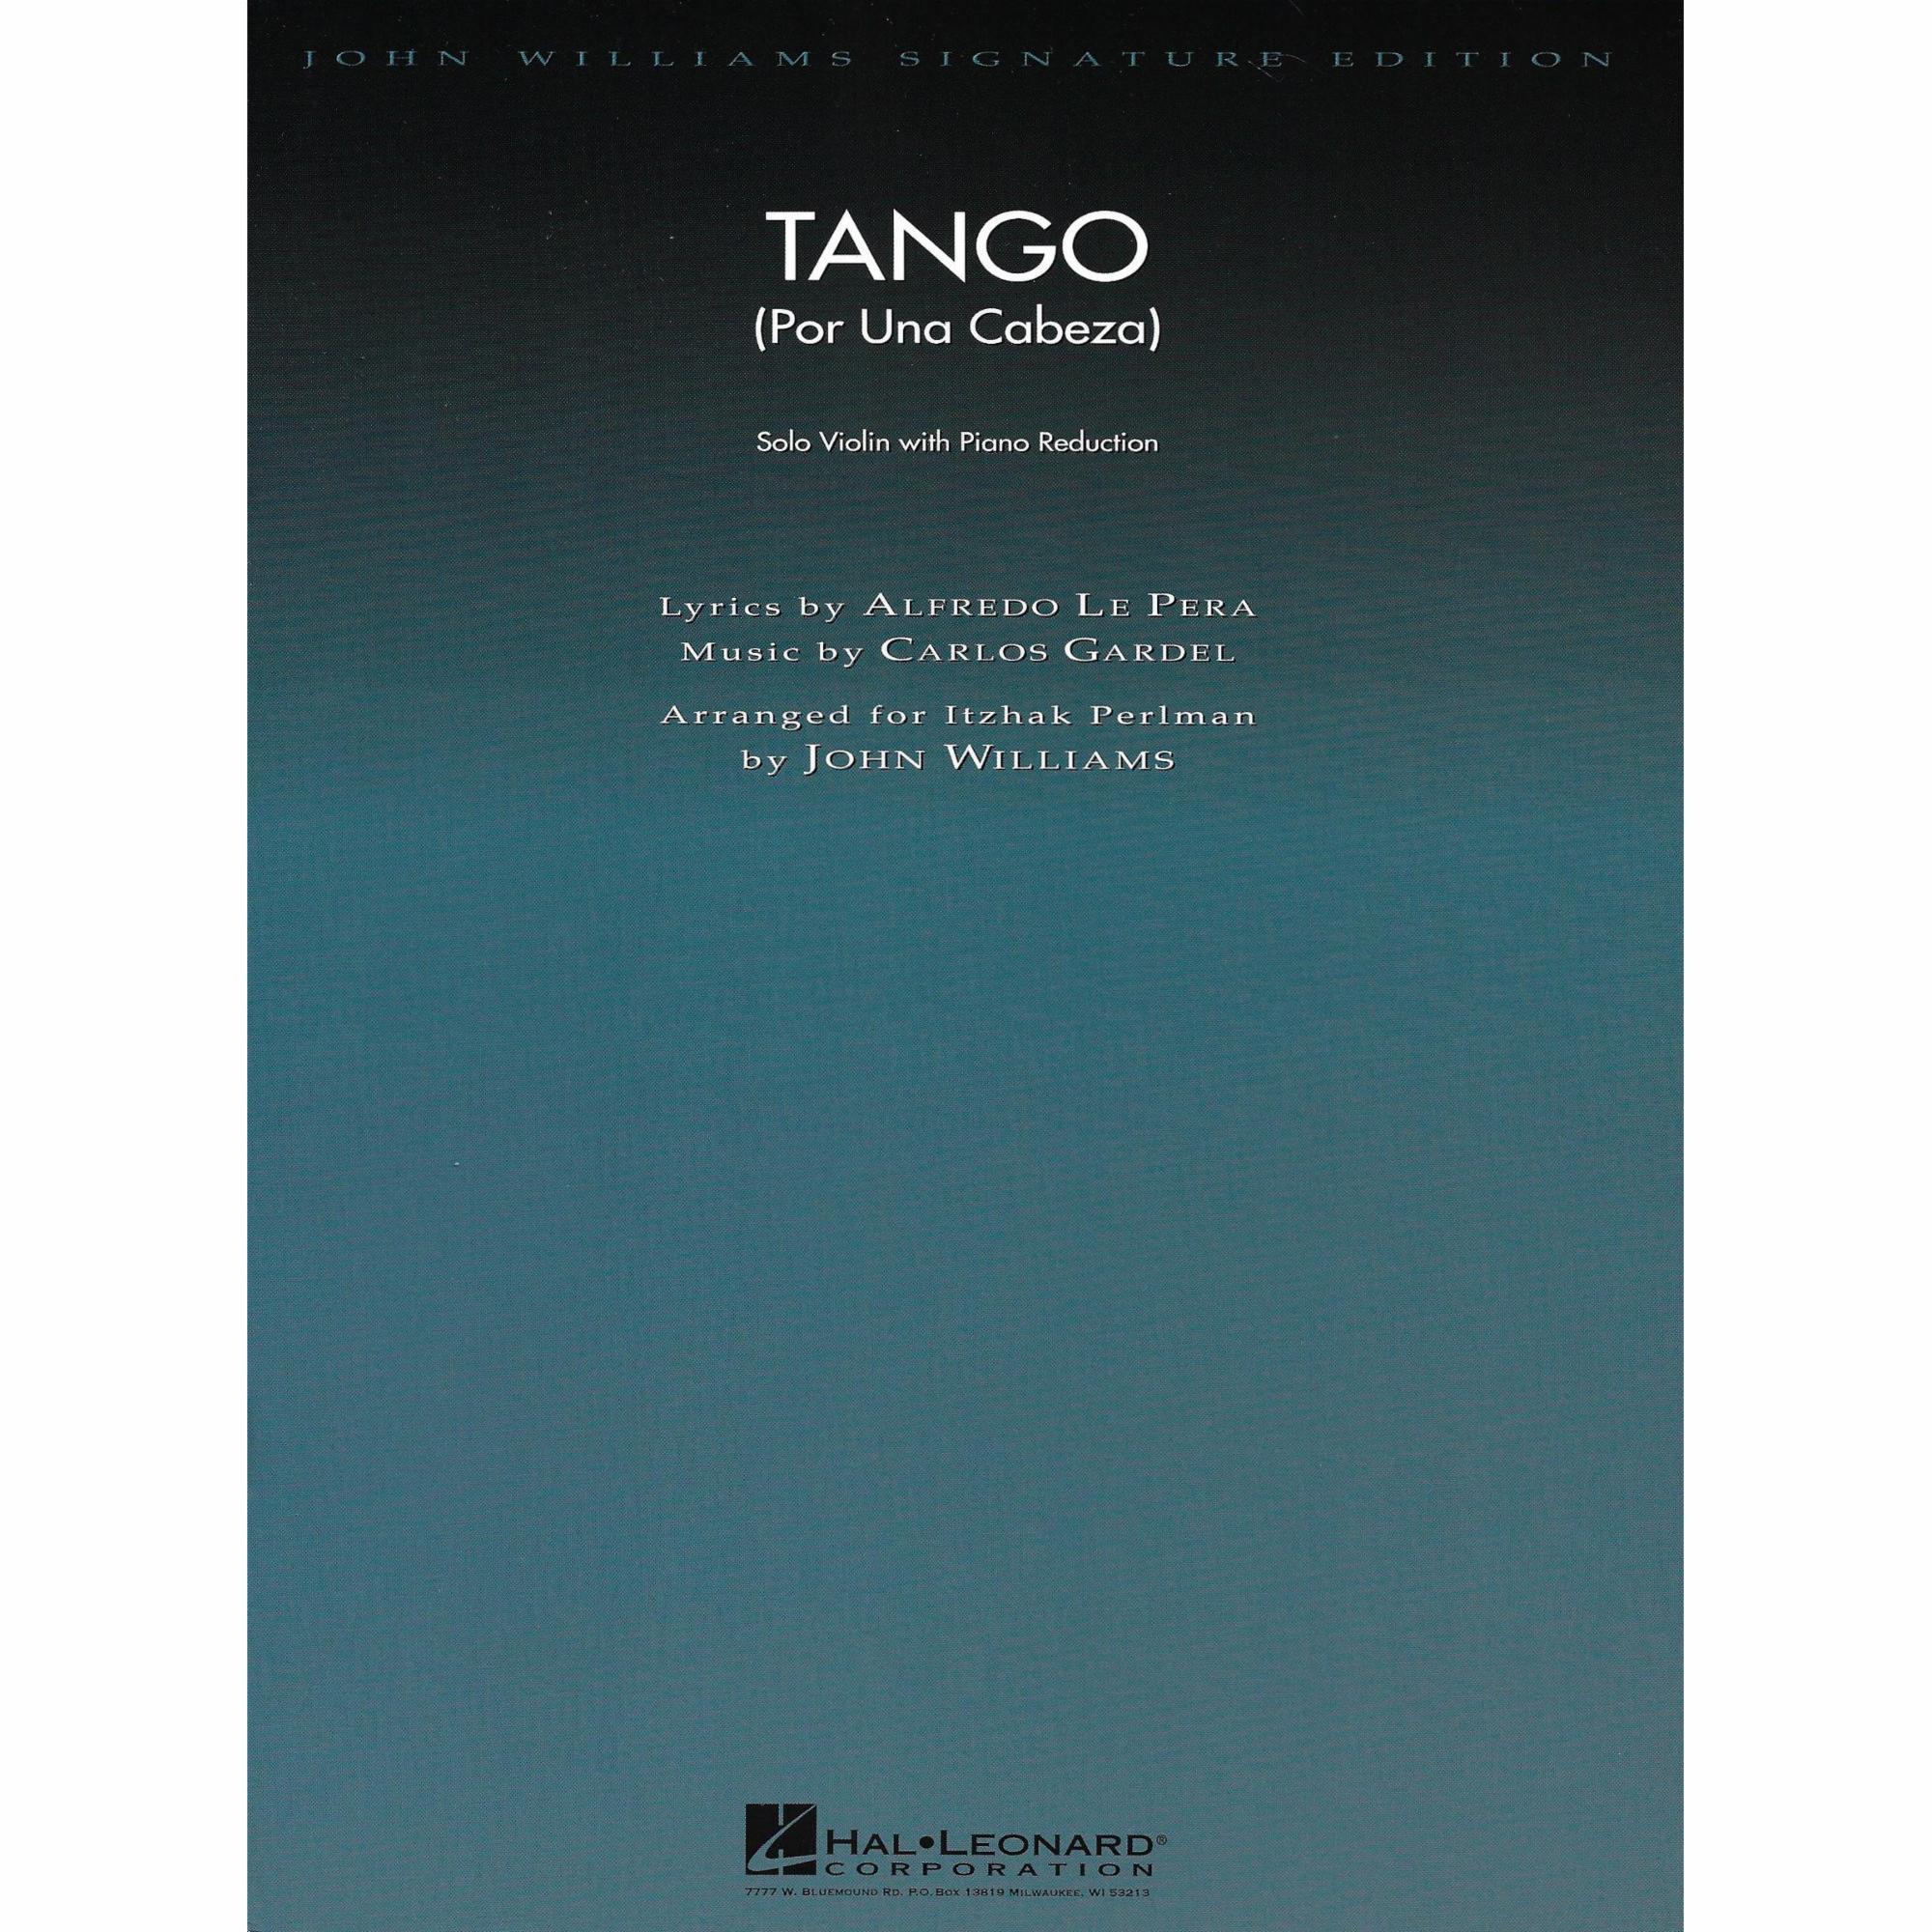 Tango (Por Una Cabeza)